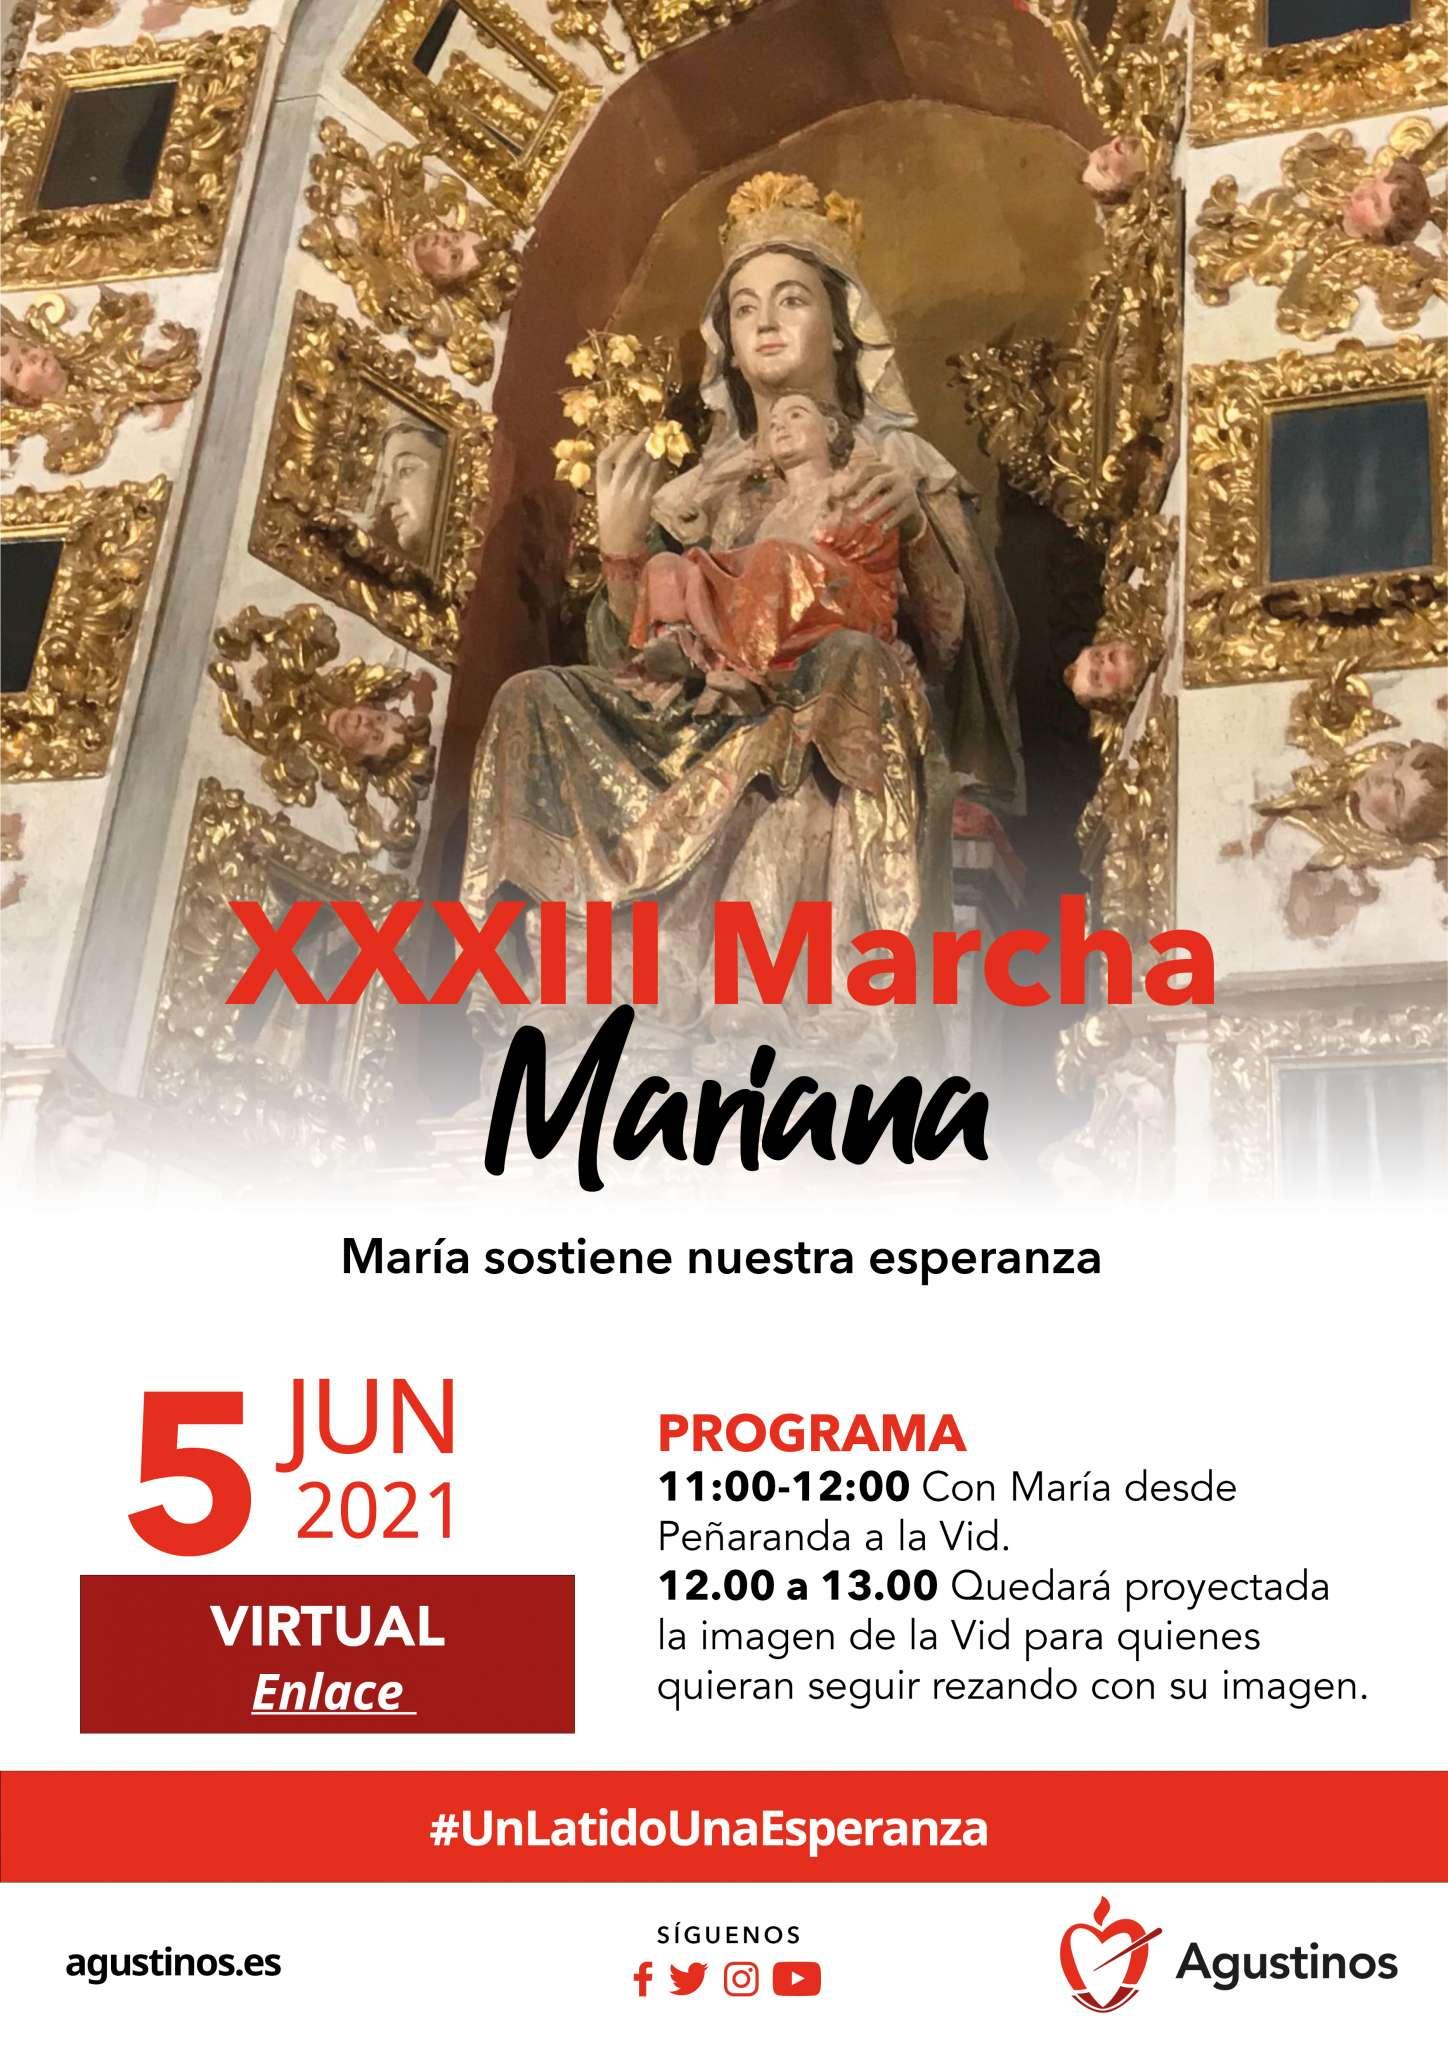 """""""María sostiene nuestra esperanza"""" es el lema de la Marcha Mariana al Monasterio agustino Nuestra Señora de La Vid."""